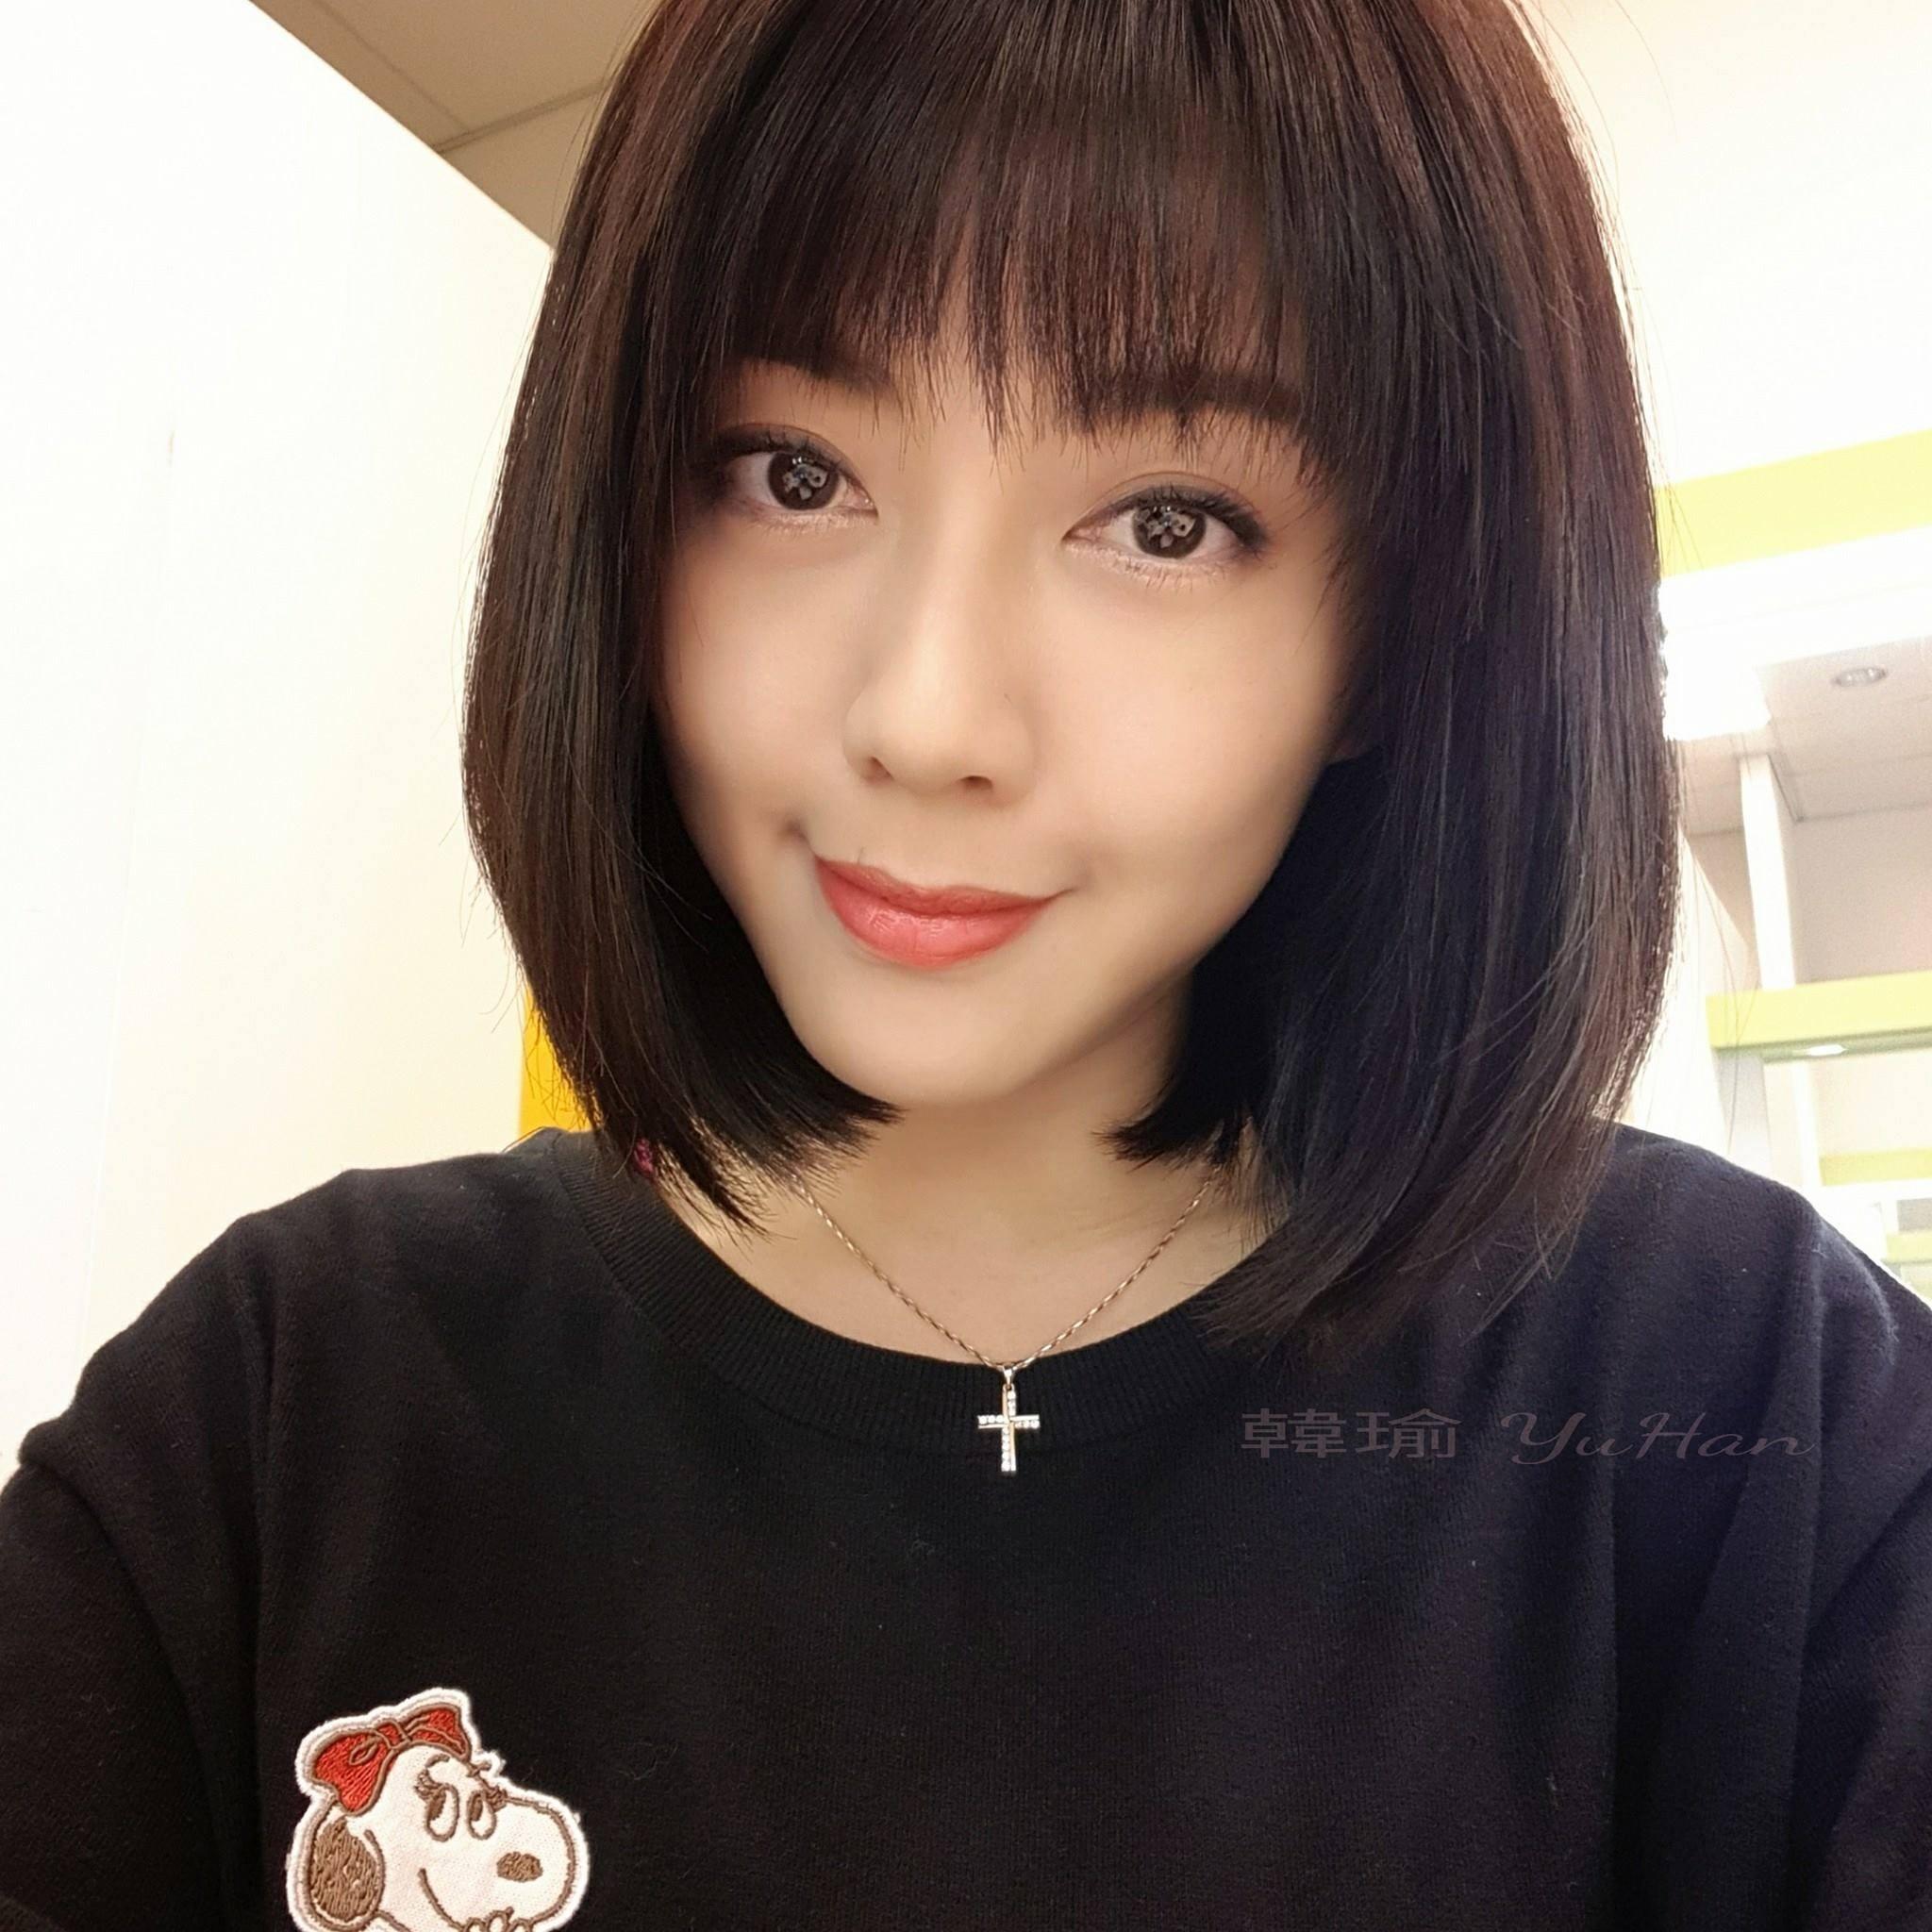 https://www.facebook.com/AngelHan.fans/photos/10159358649499316